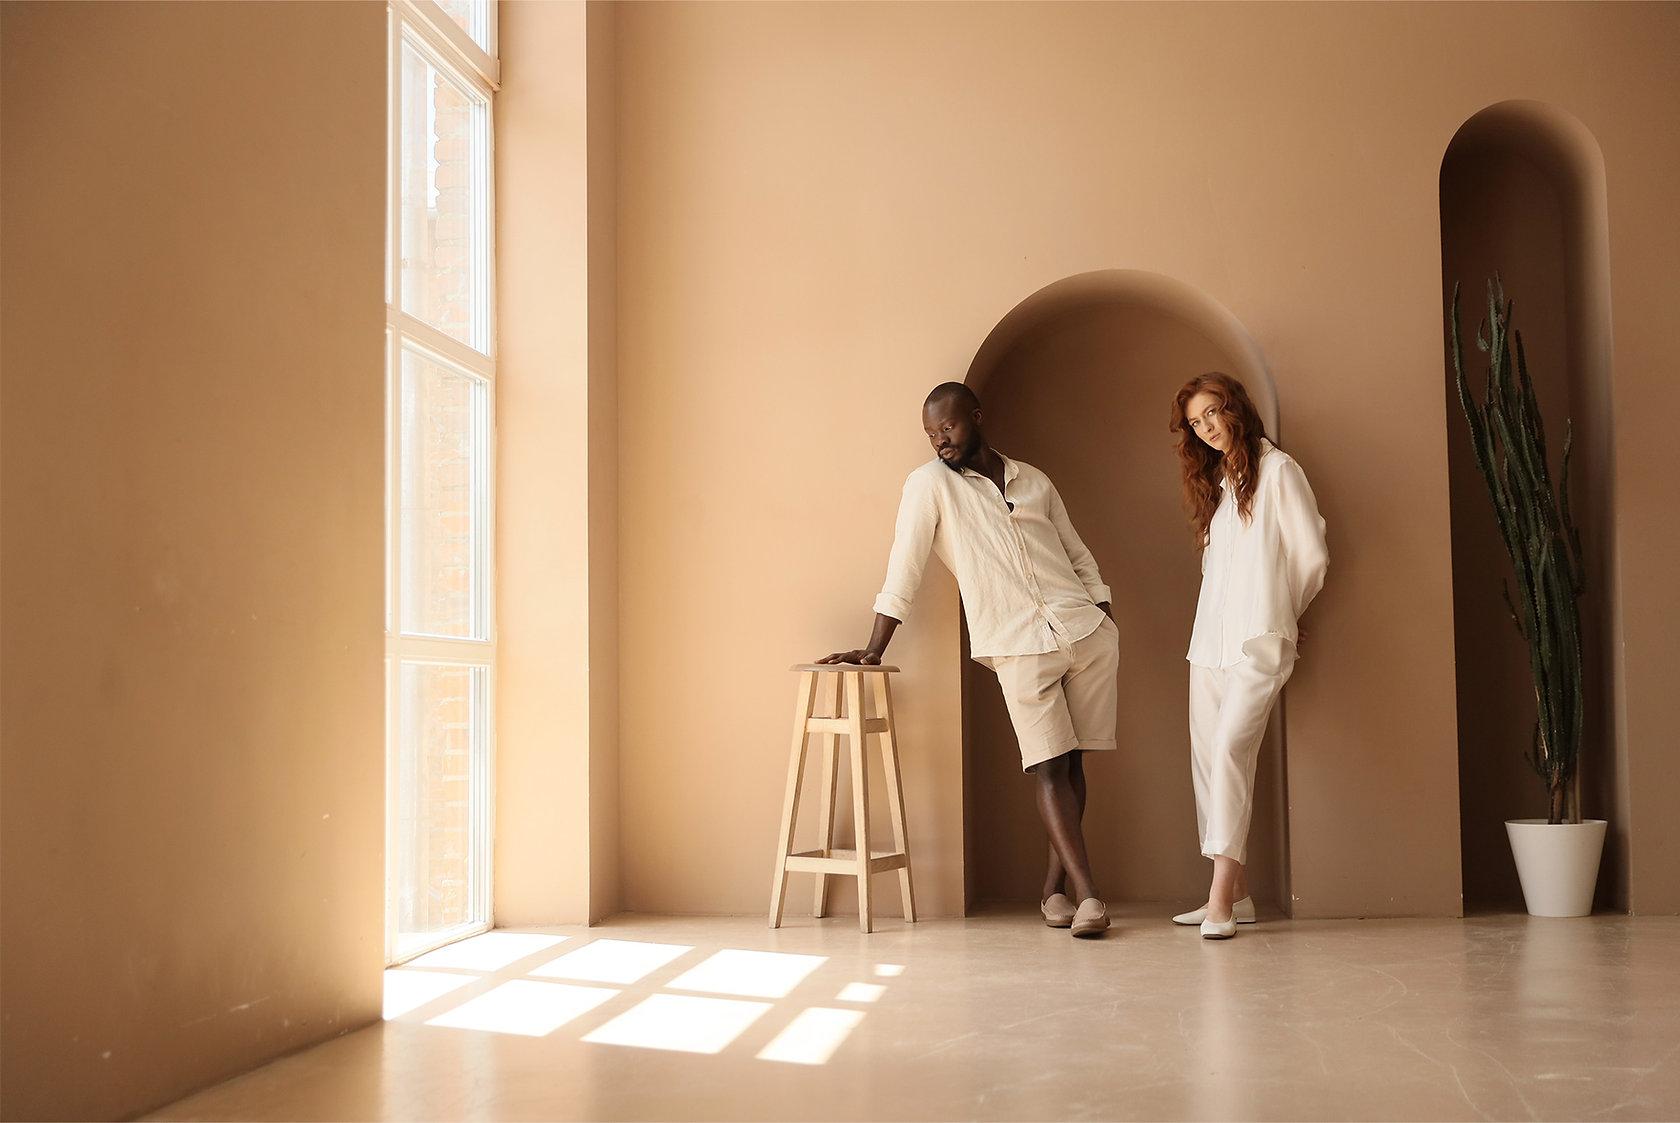 Image d'arrière-plan d'une photo de magazine qui montre deux personnes dans un décor minimaliste, habillés en lin de couleur claire.